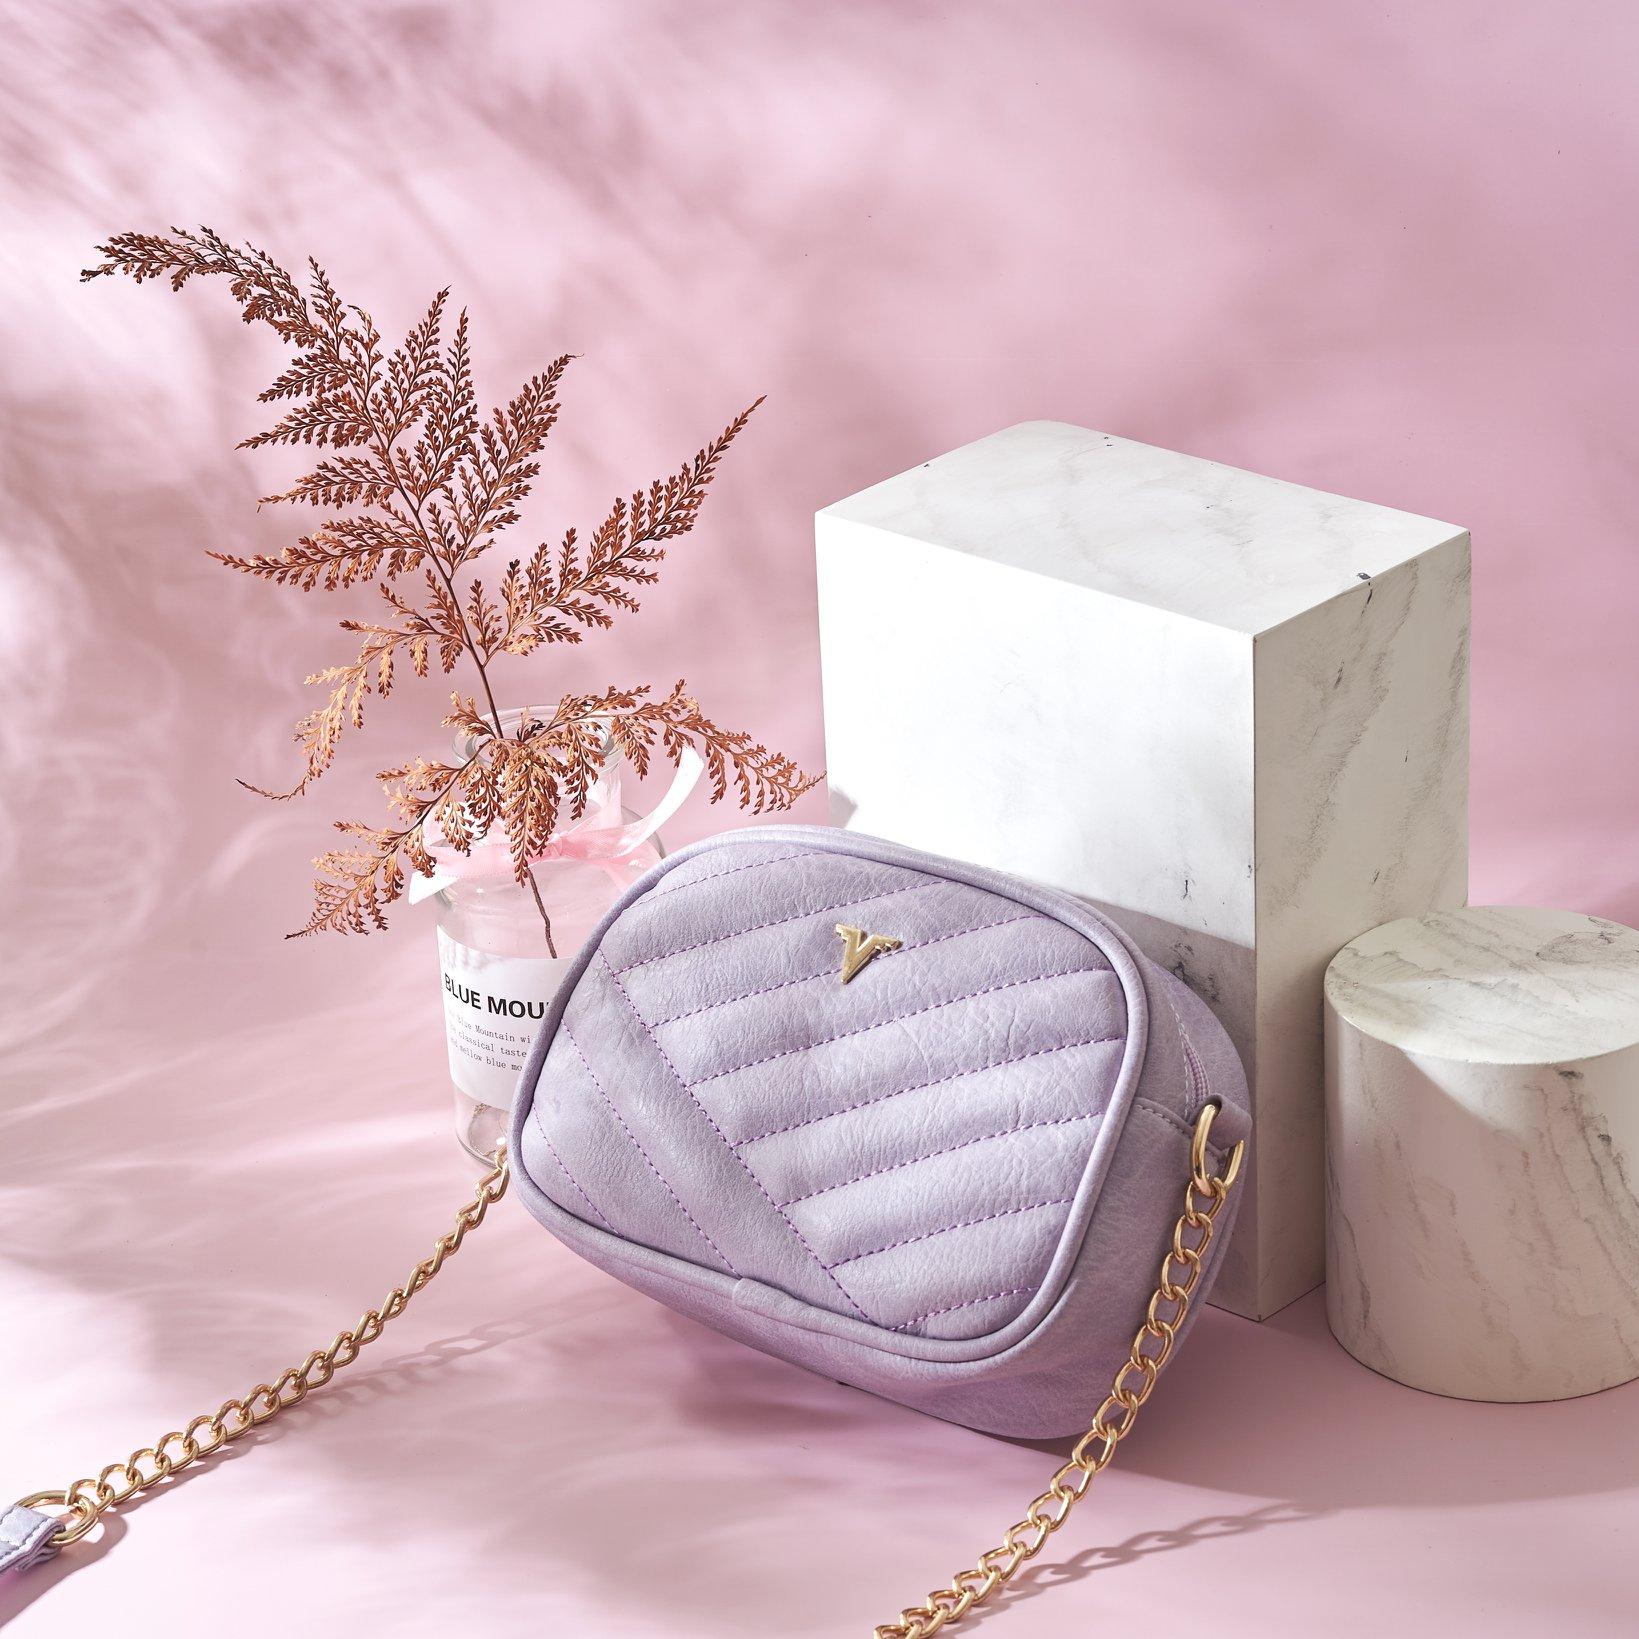 Túi xách thời trang Verchini thêu phối xích